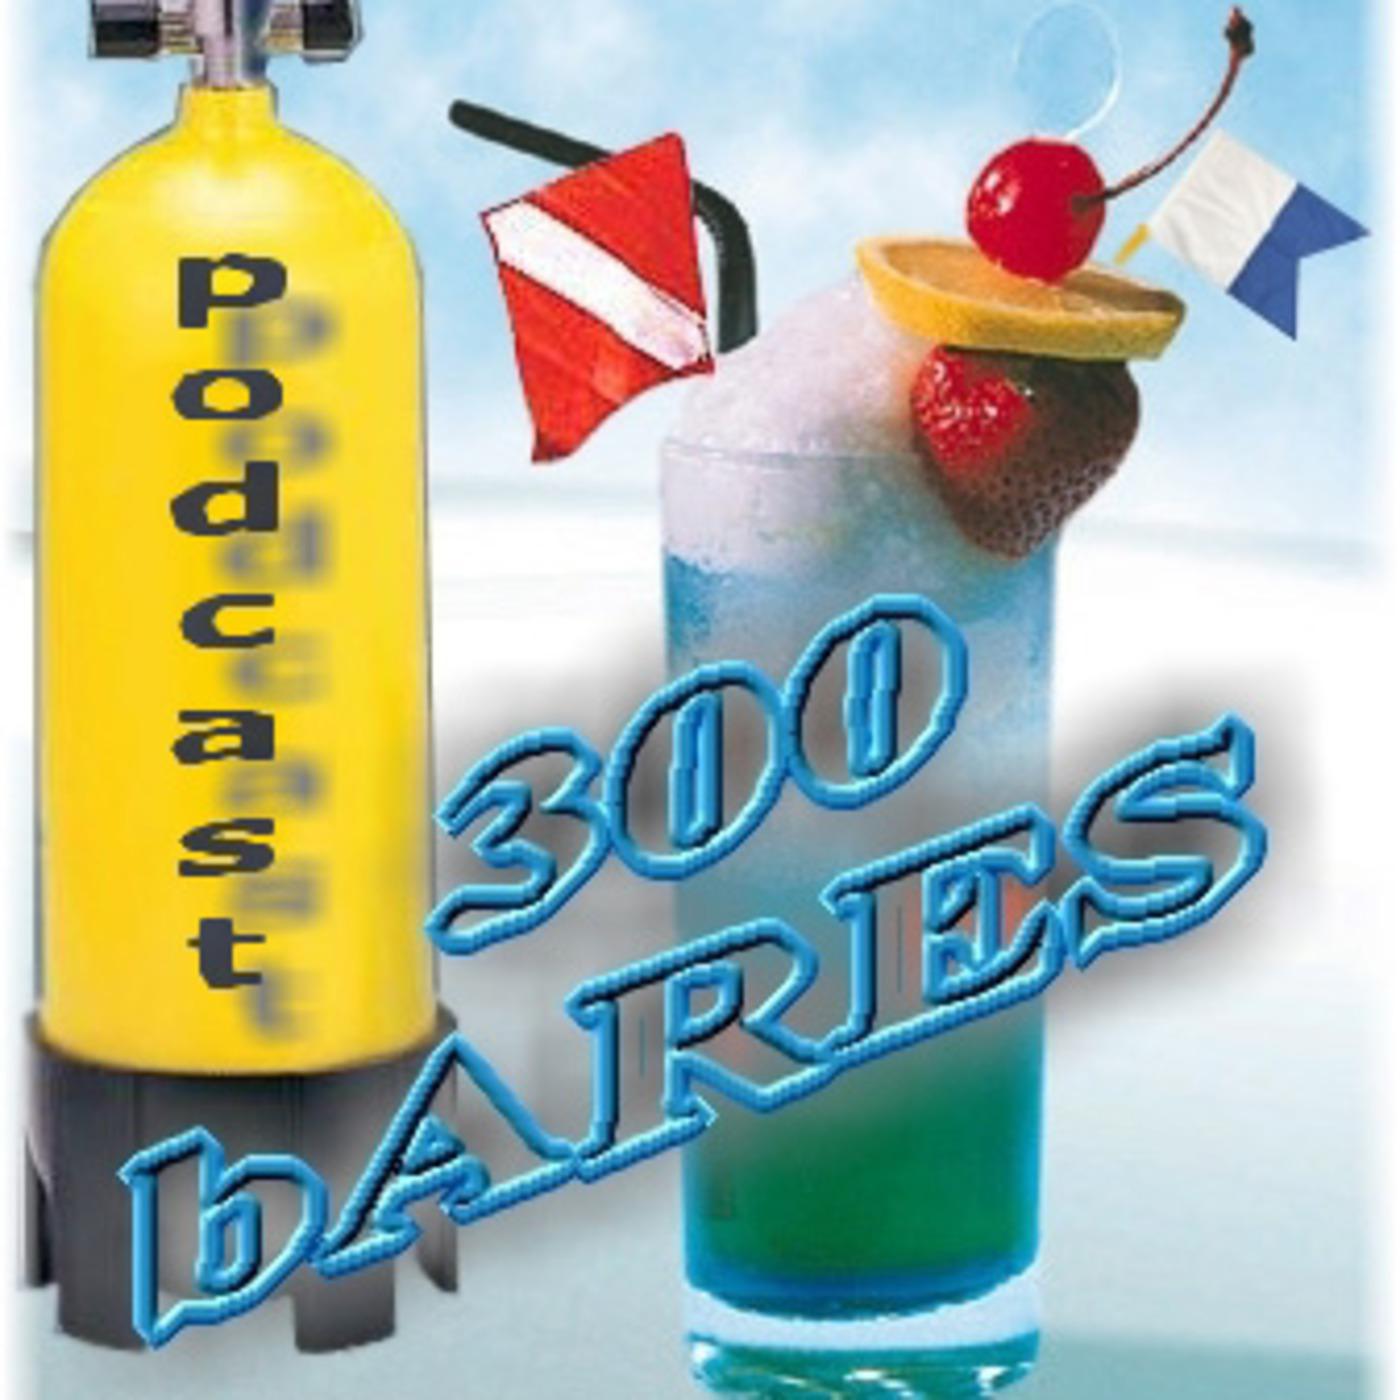 300 bARES